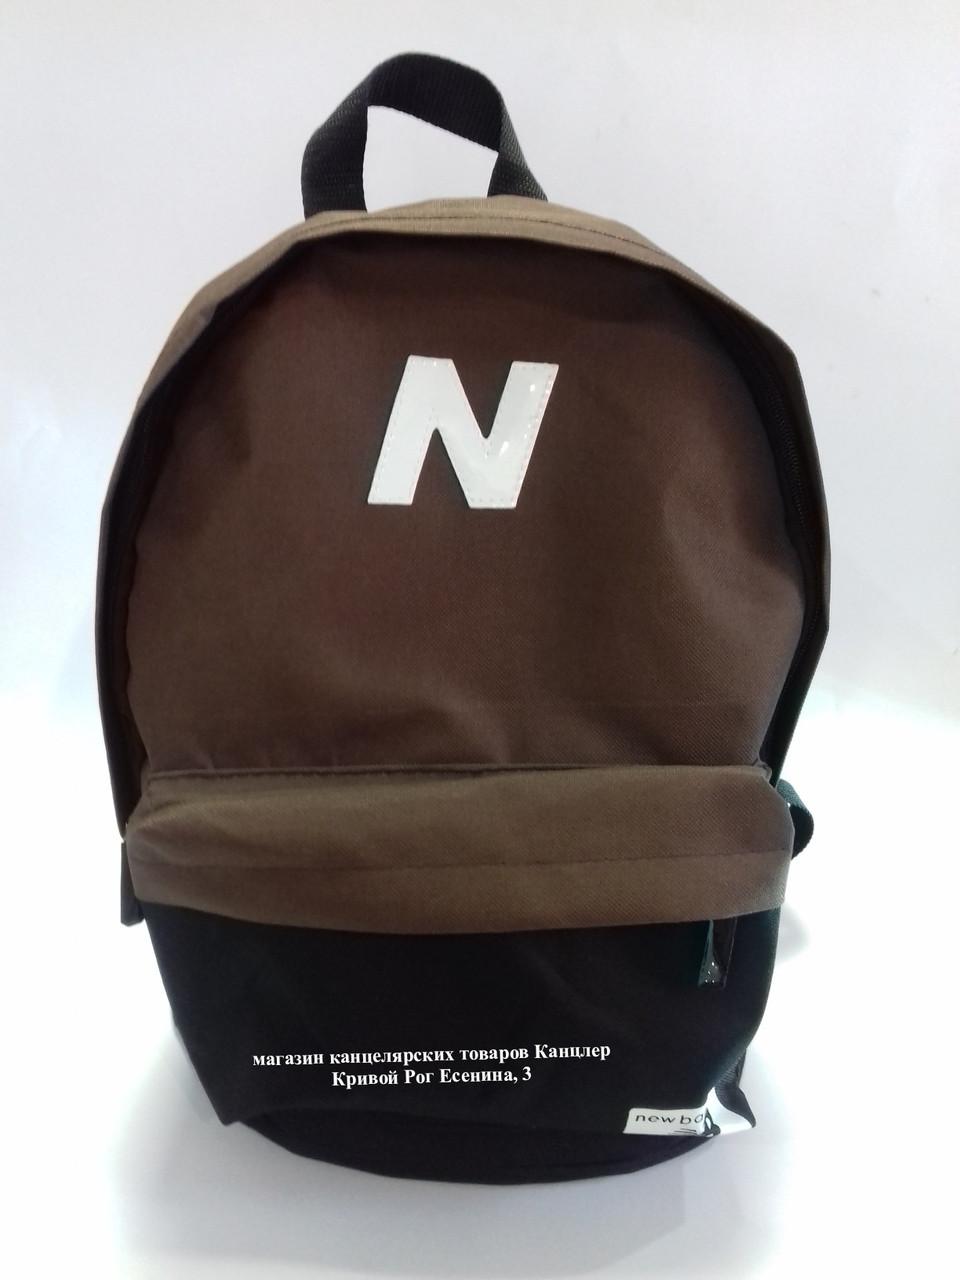 Універсальний зручний місткий рюкзак в стилі New Balance